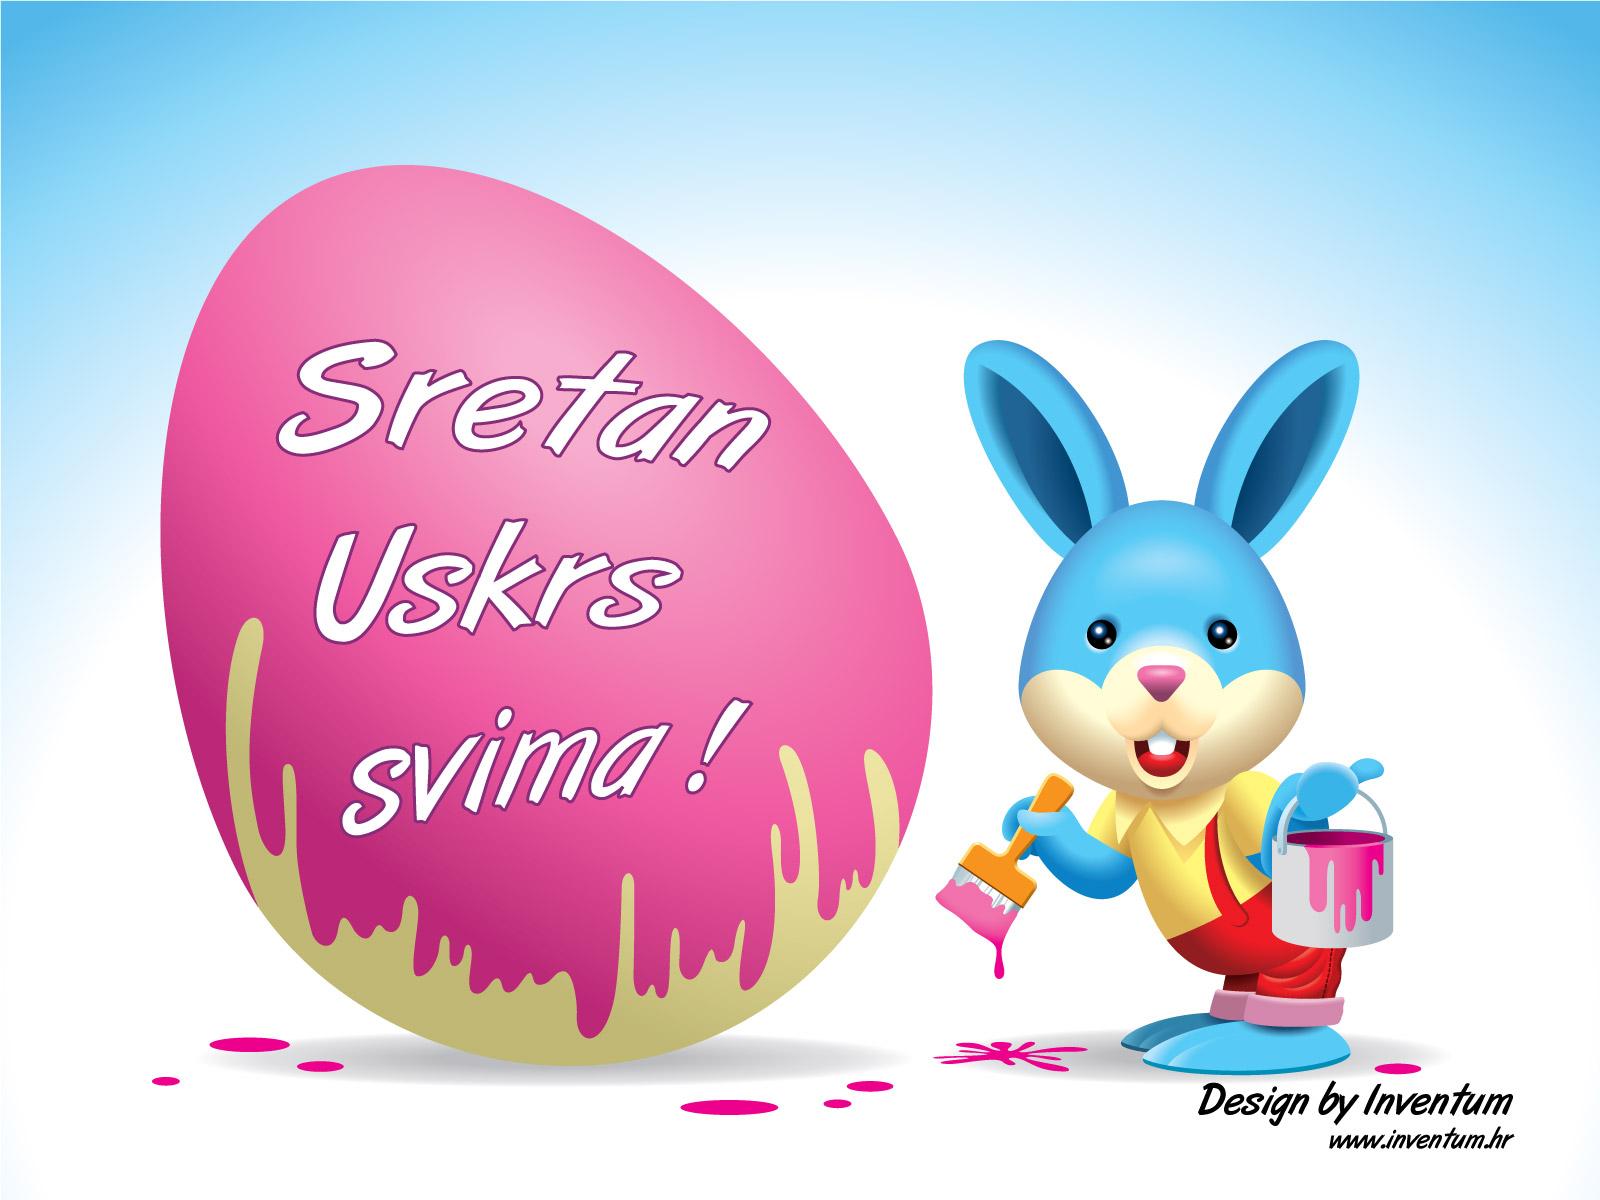 sretan uskrs svima Wallpaper 'Sretan Uskrs svima' sretan uskrs svima